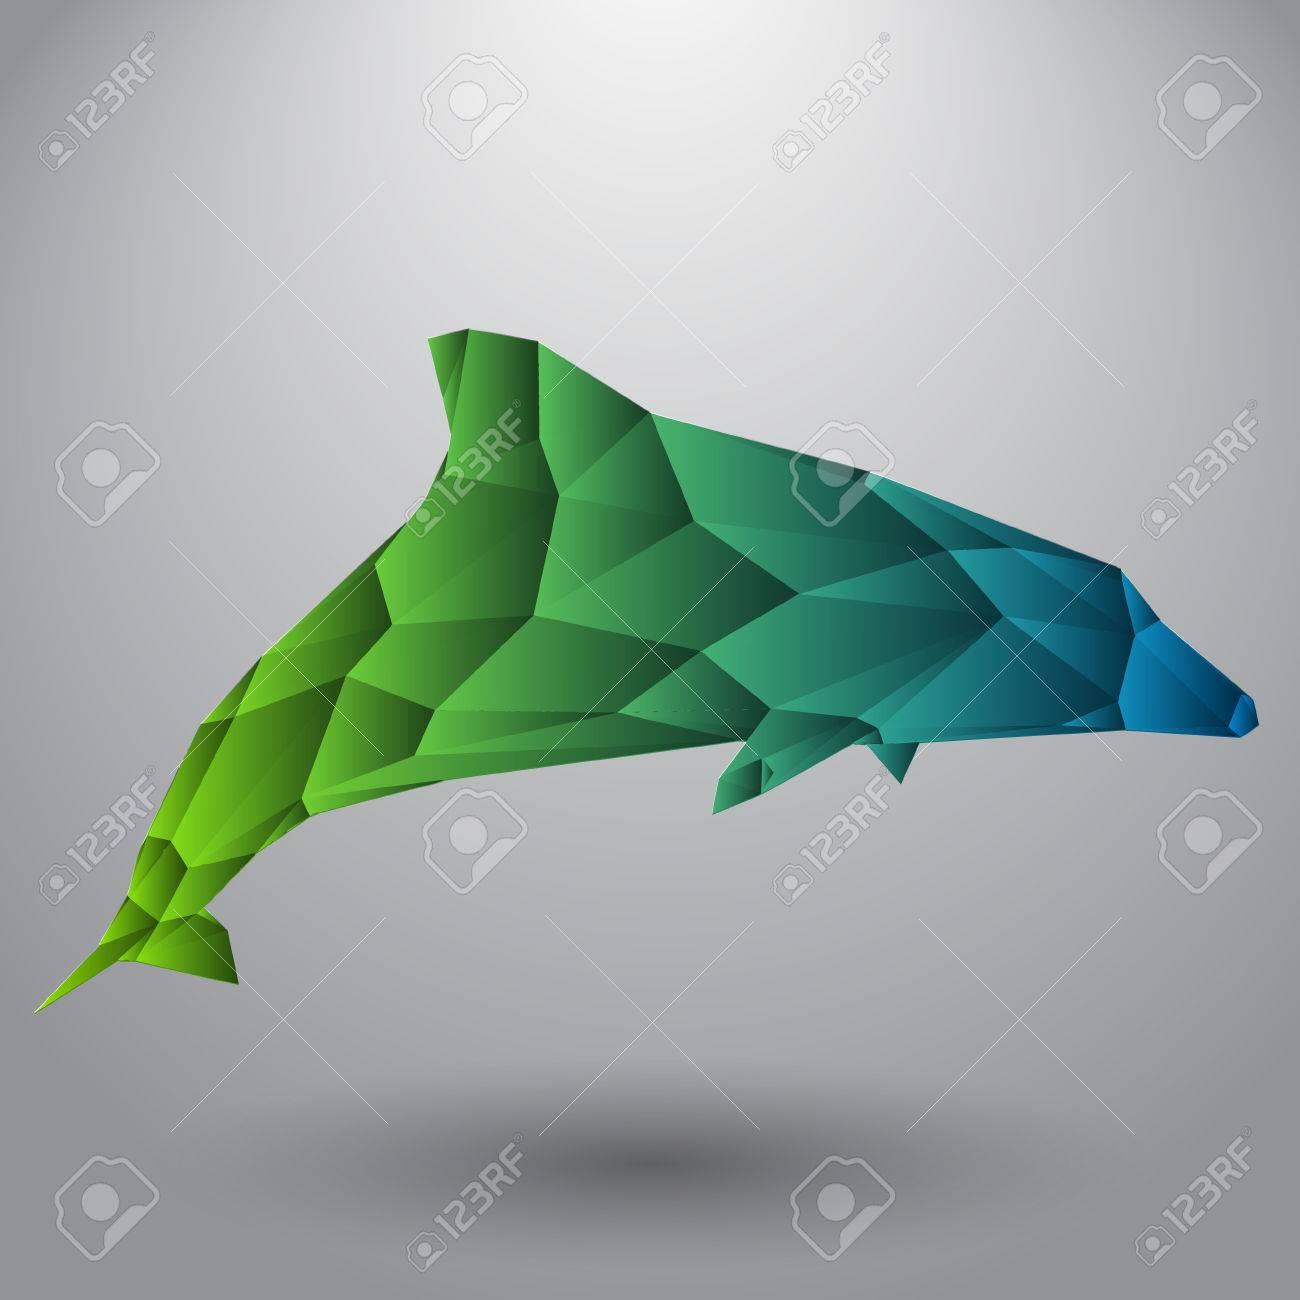 イルカ画像を編集クリック 1 つで色を変更することができます簡単に